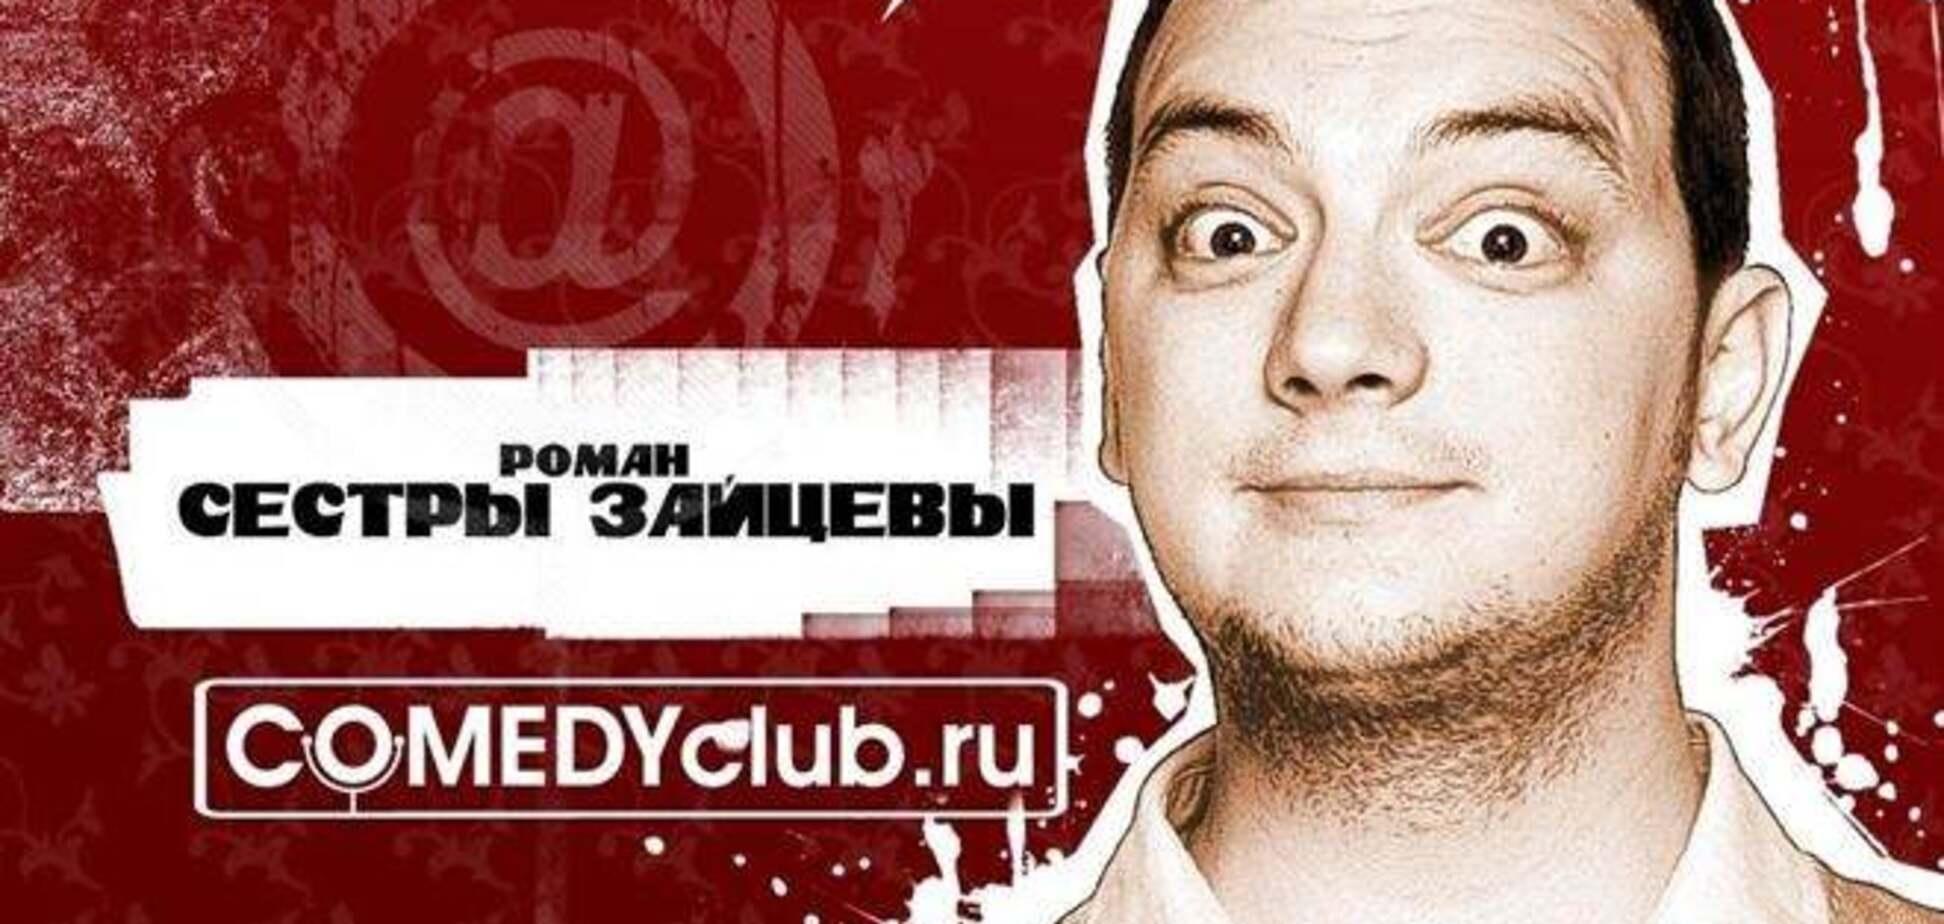 Актор 'Comedy club' вийшов на мітинг за Евромайдан